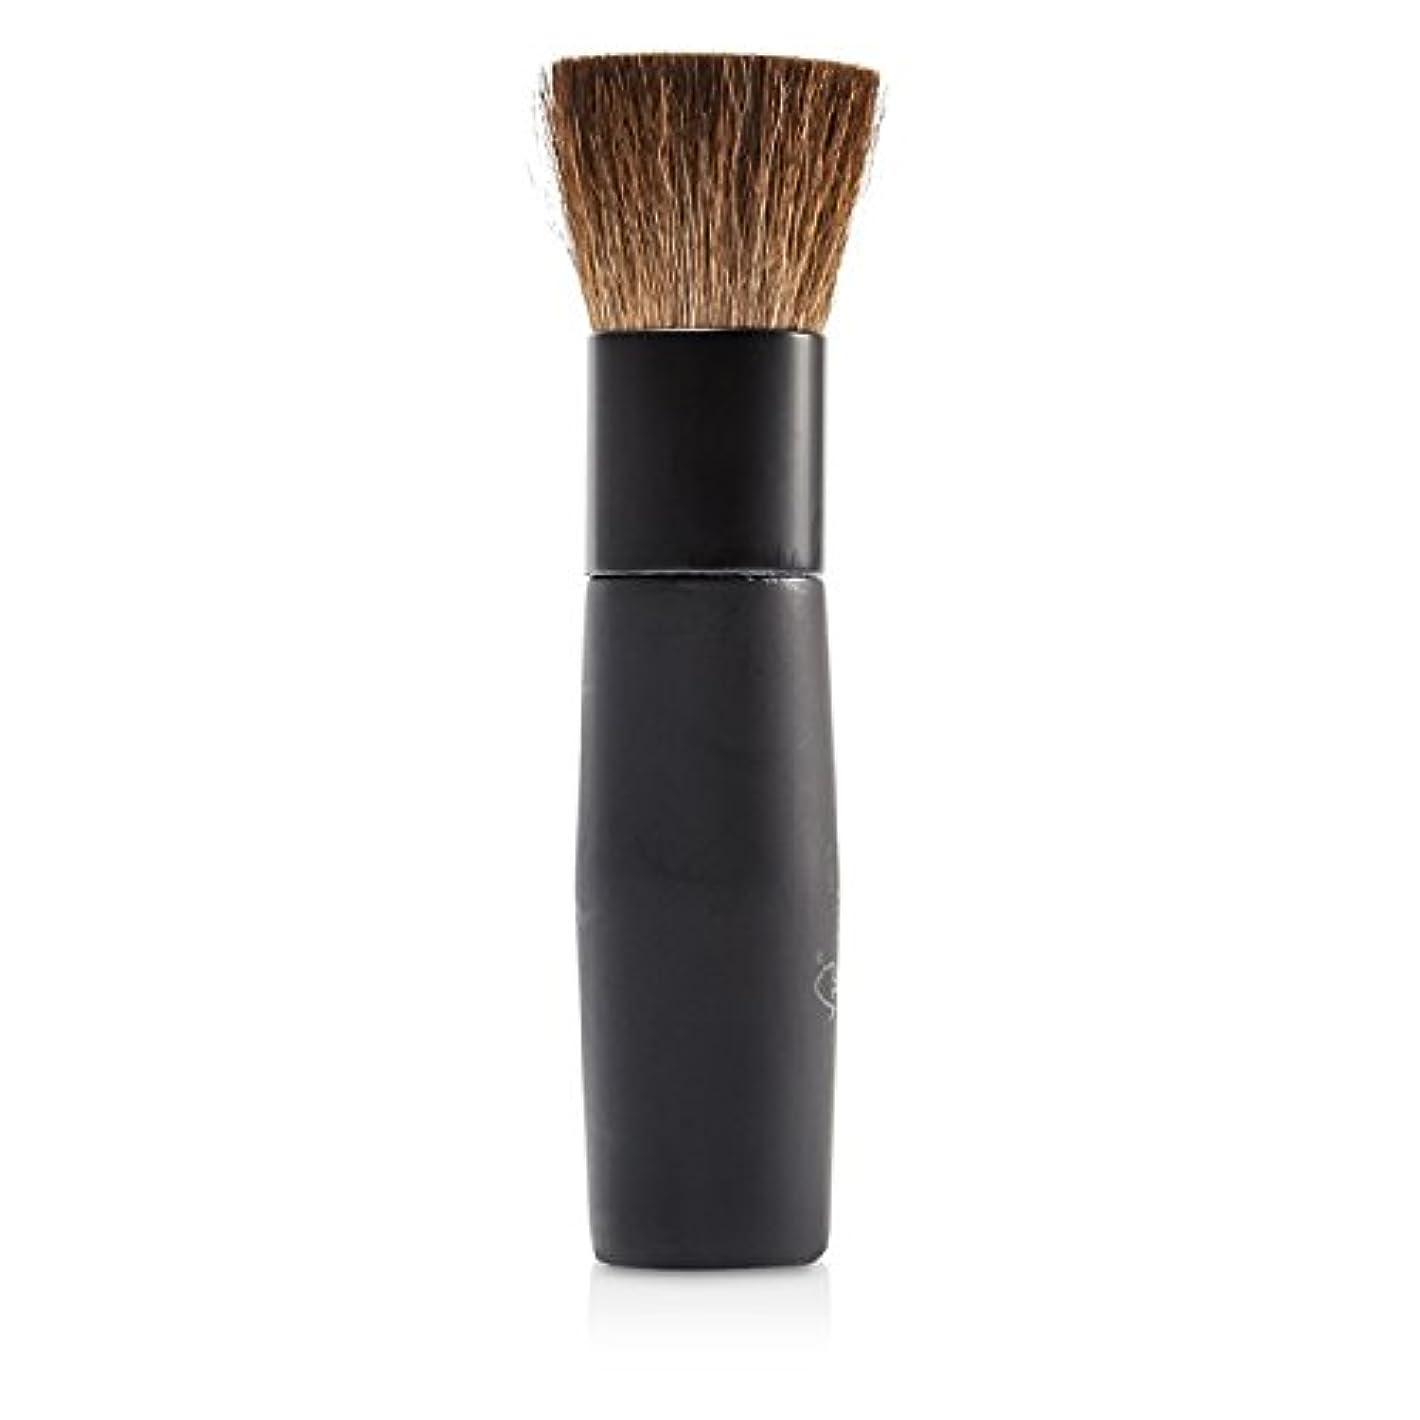 カウントアップ家禽絶滅させるヤングブラッド Ultimate Foundation Brush 2.8g/0.1oz並行輸入品